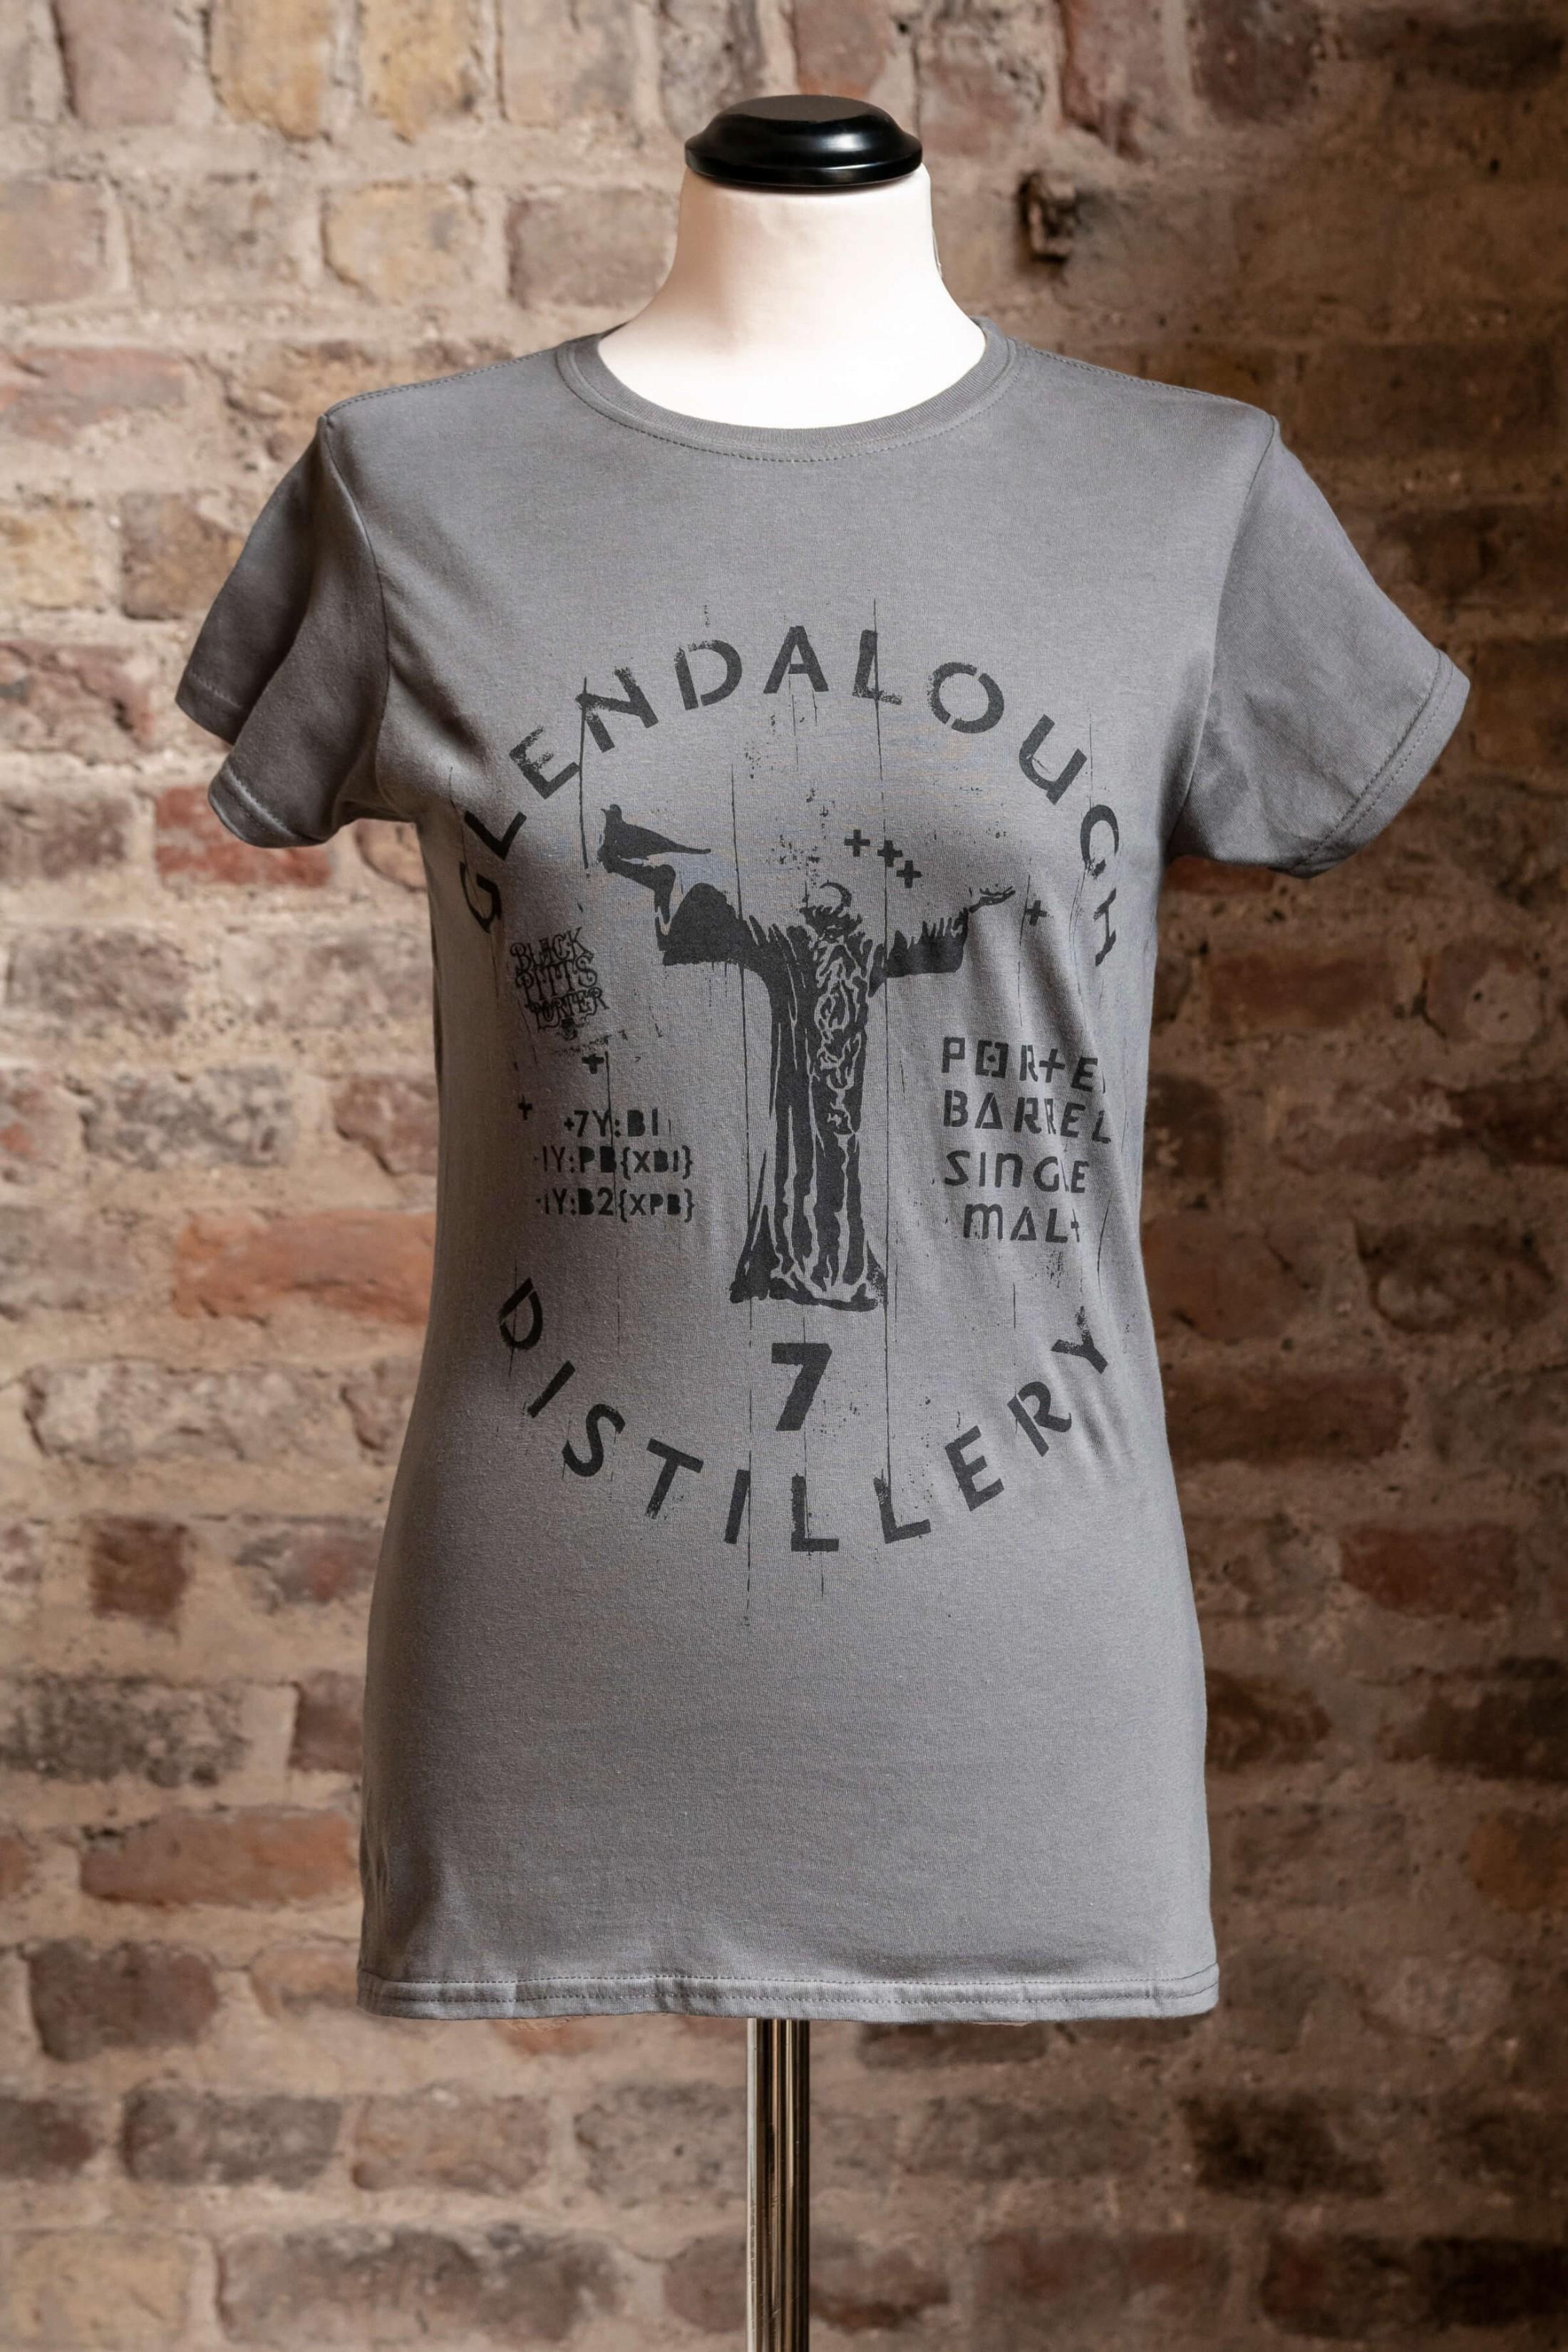 Cask Series T Shirt - 7yo LADIES S